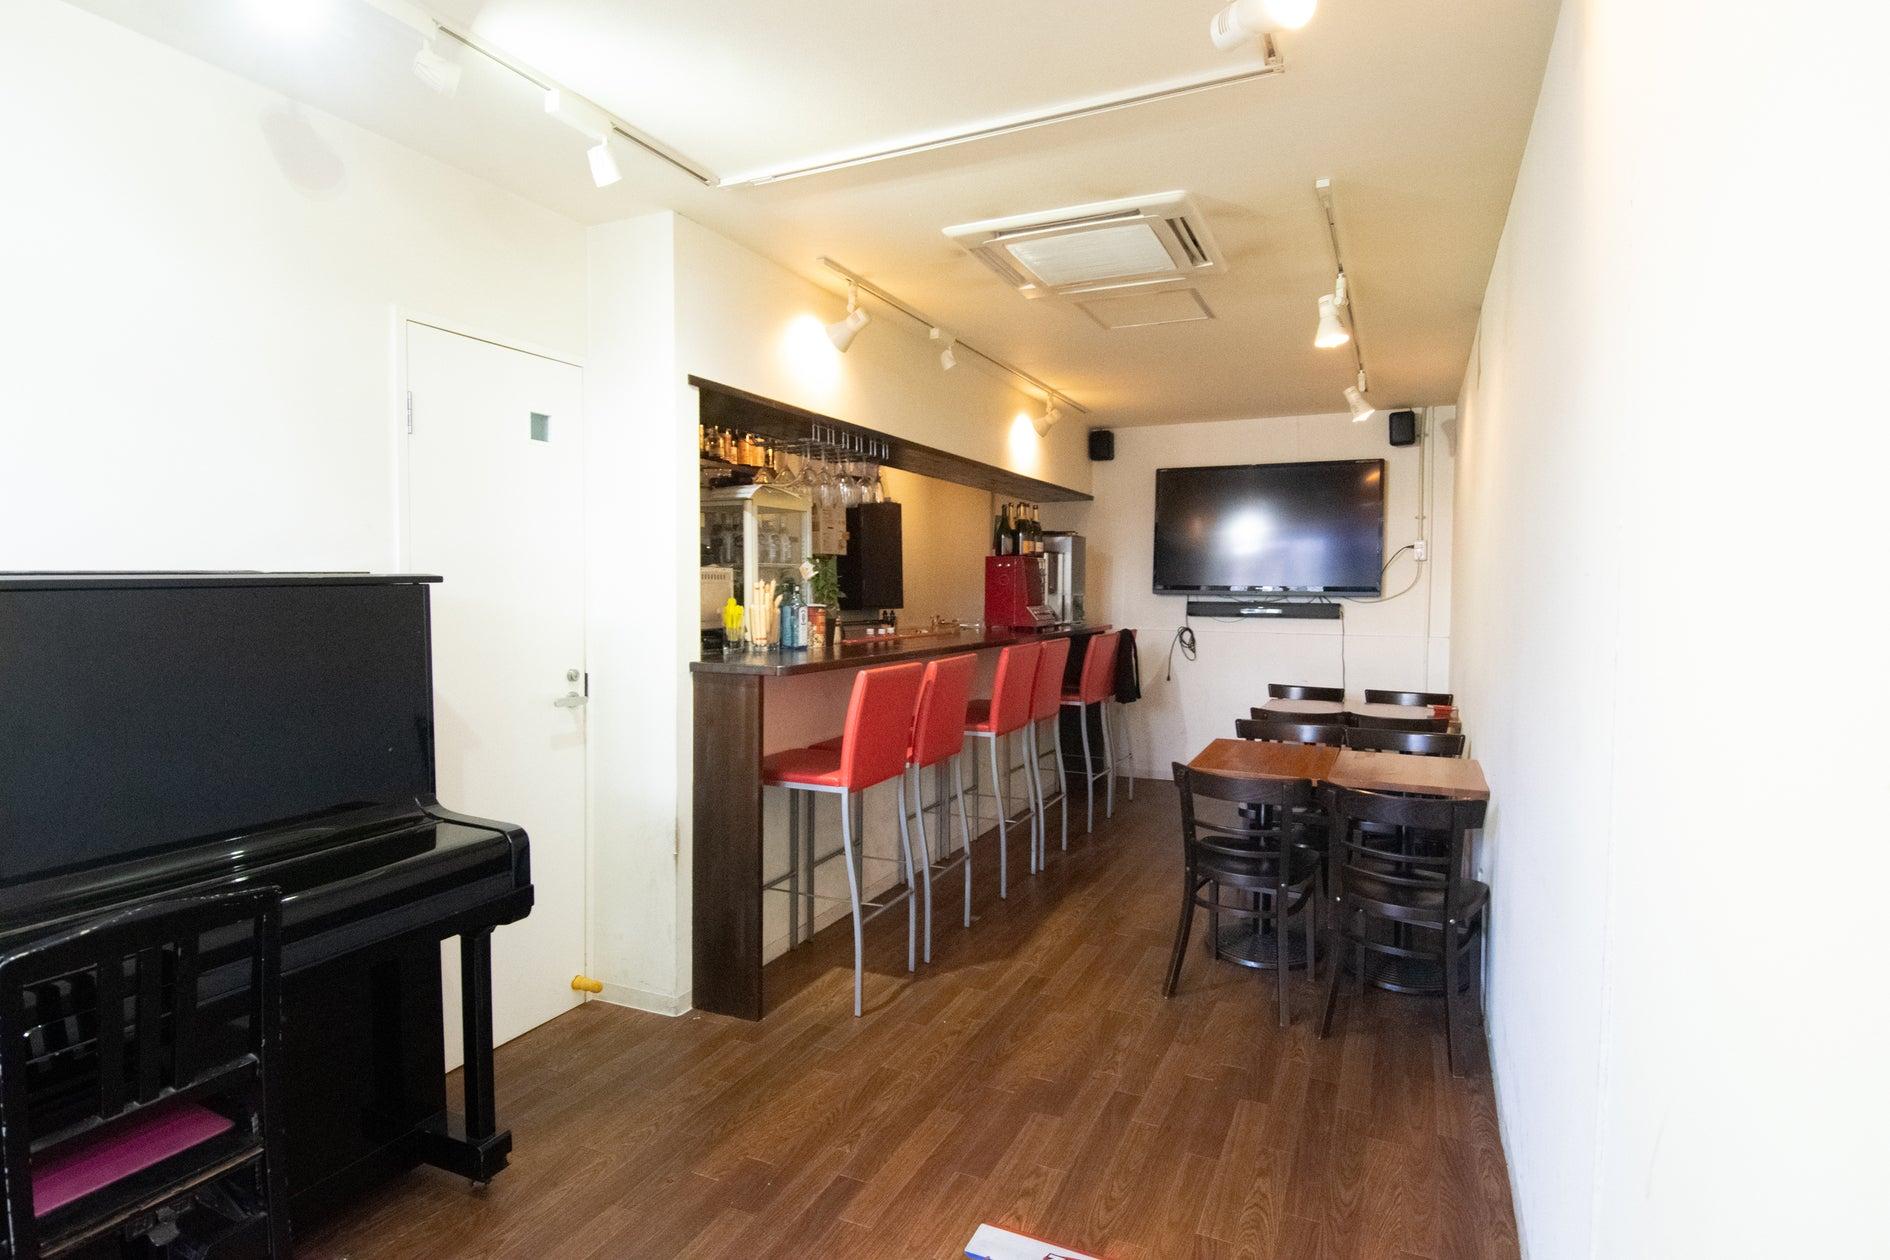 キッチン利用可!カフェにオススメ、レンタルスペース の写真